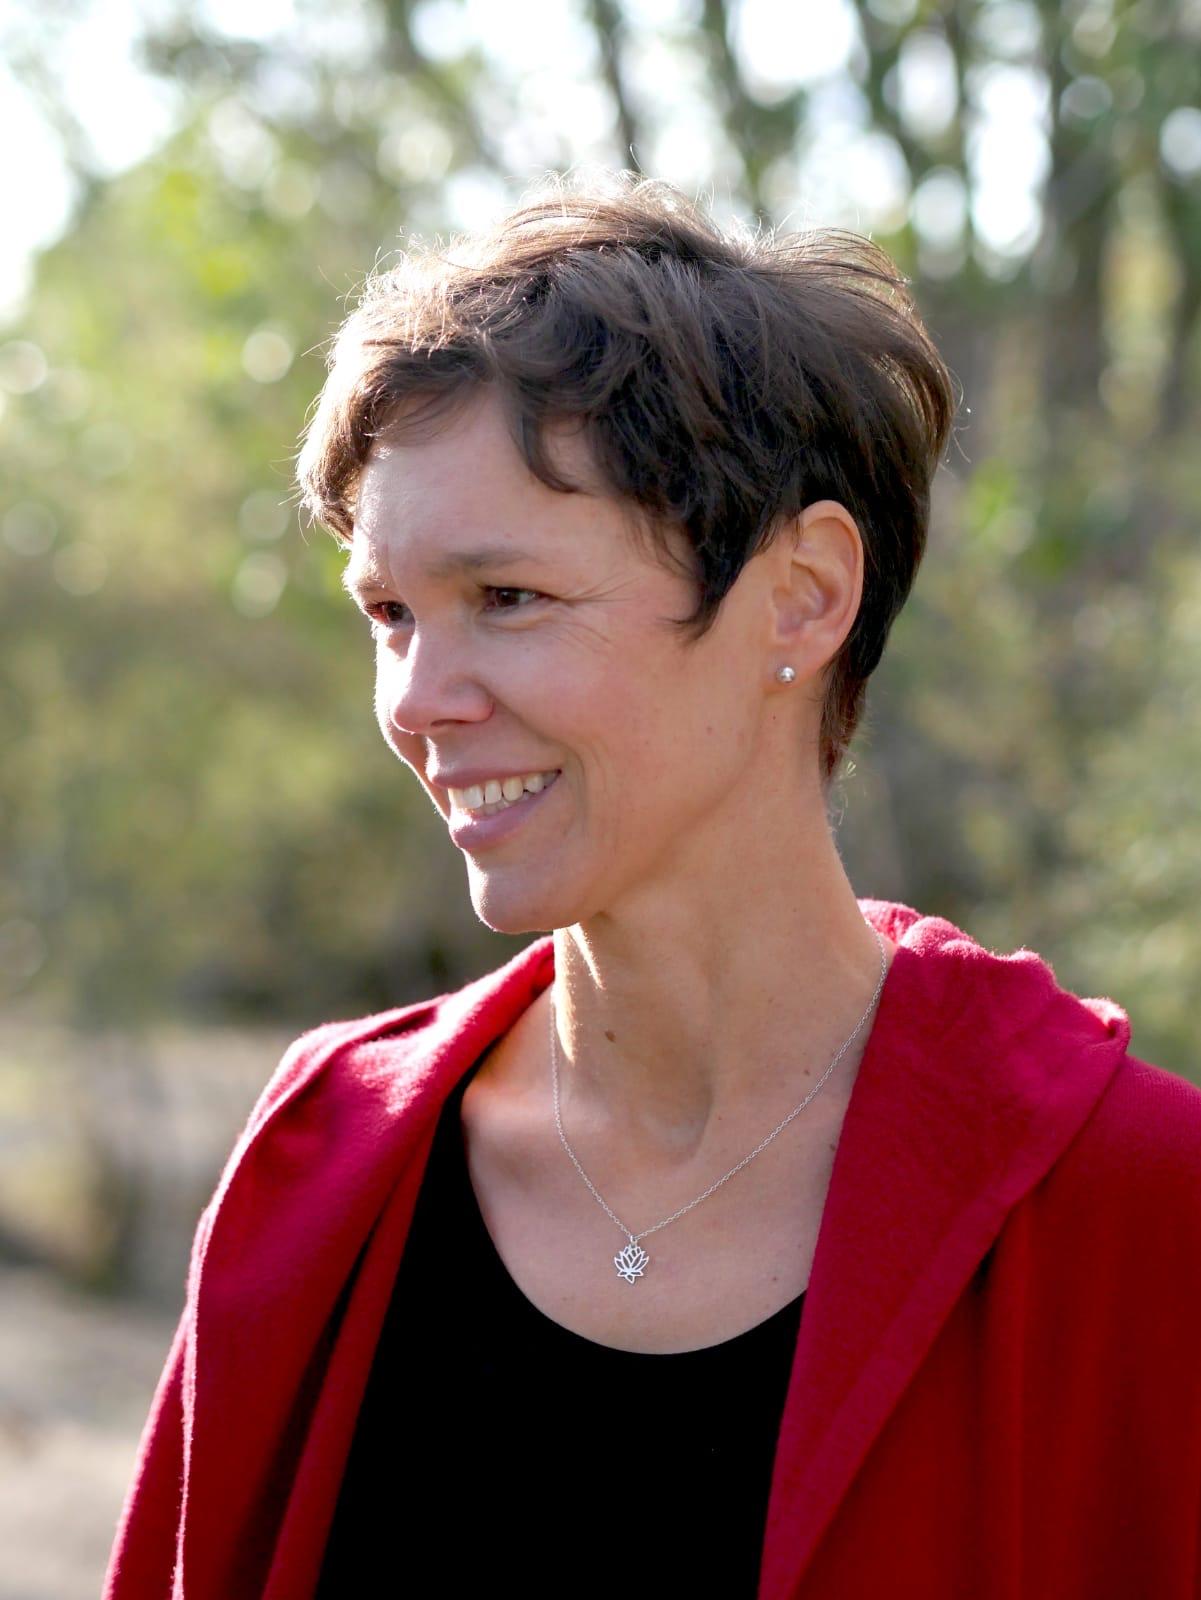 Isabel Gindele